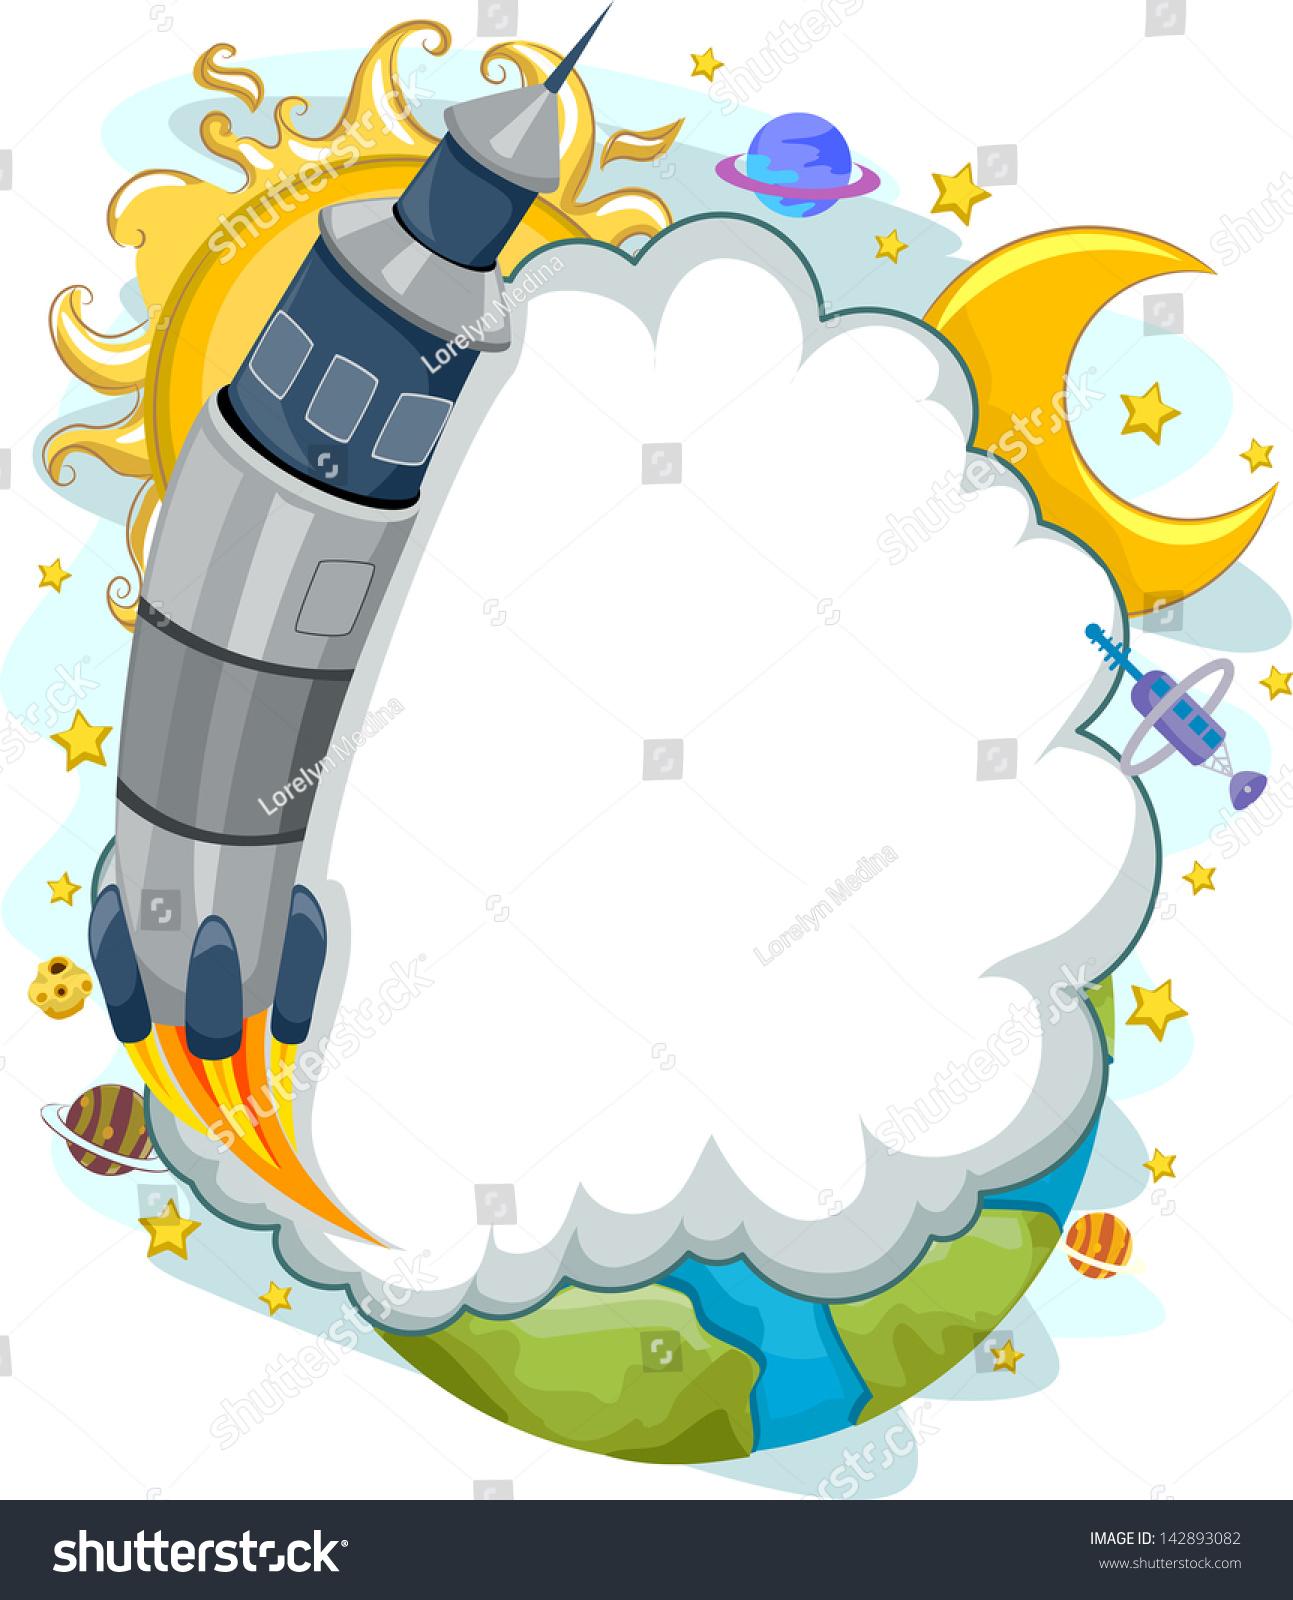 云框火箭发射到太空的背景说明-背景/素材,科学-海洛